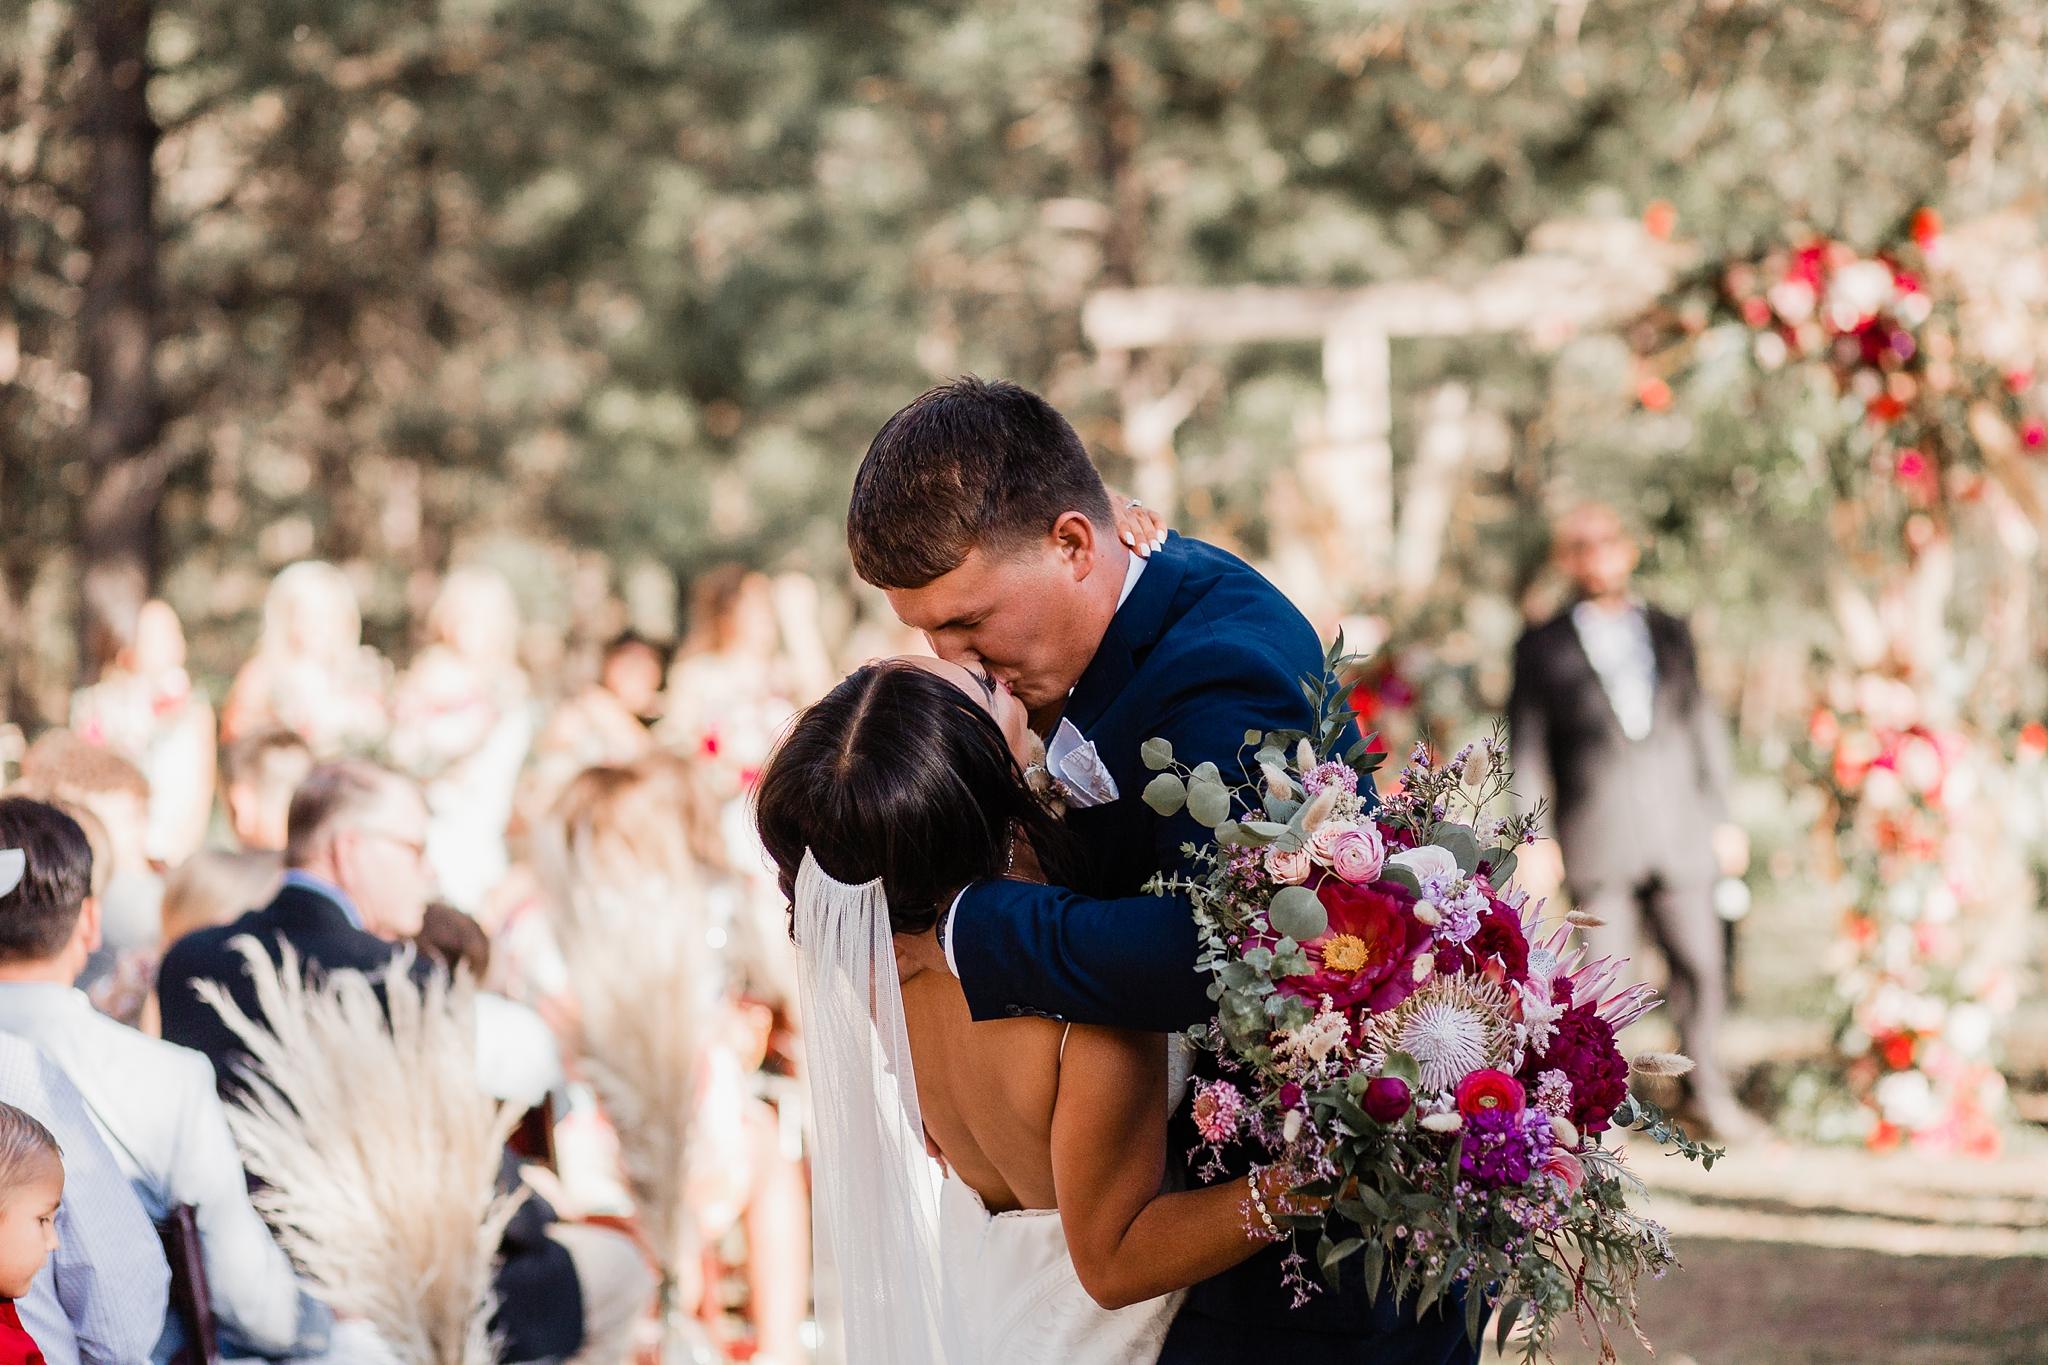 Alicia+lucia+photography+-+albuquerque+wedding+photographer+-+santa+fe+wedding+photography+-+new+mexico+wedding+photographer+-+new+mexico+wedding+-+new+mexico+wedding+-+barn+wedding+-+enchanted+vine+barn+wedding+-+ruidoso+wedding_0109.jpg